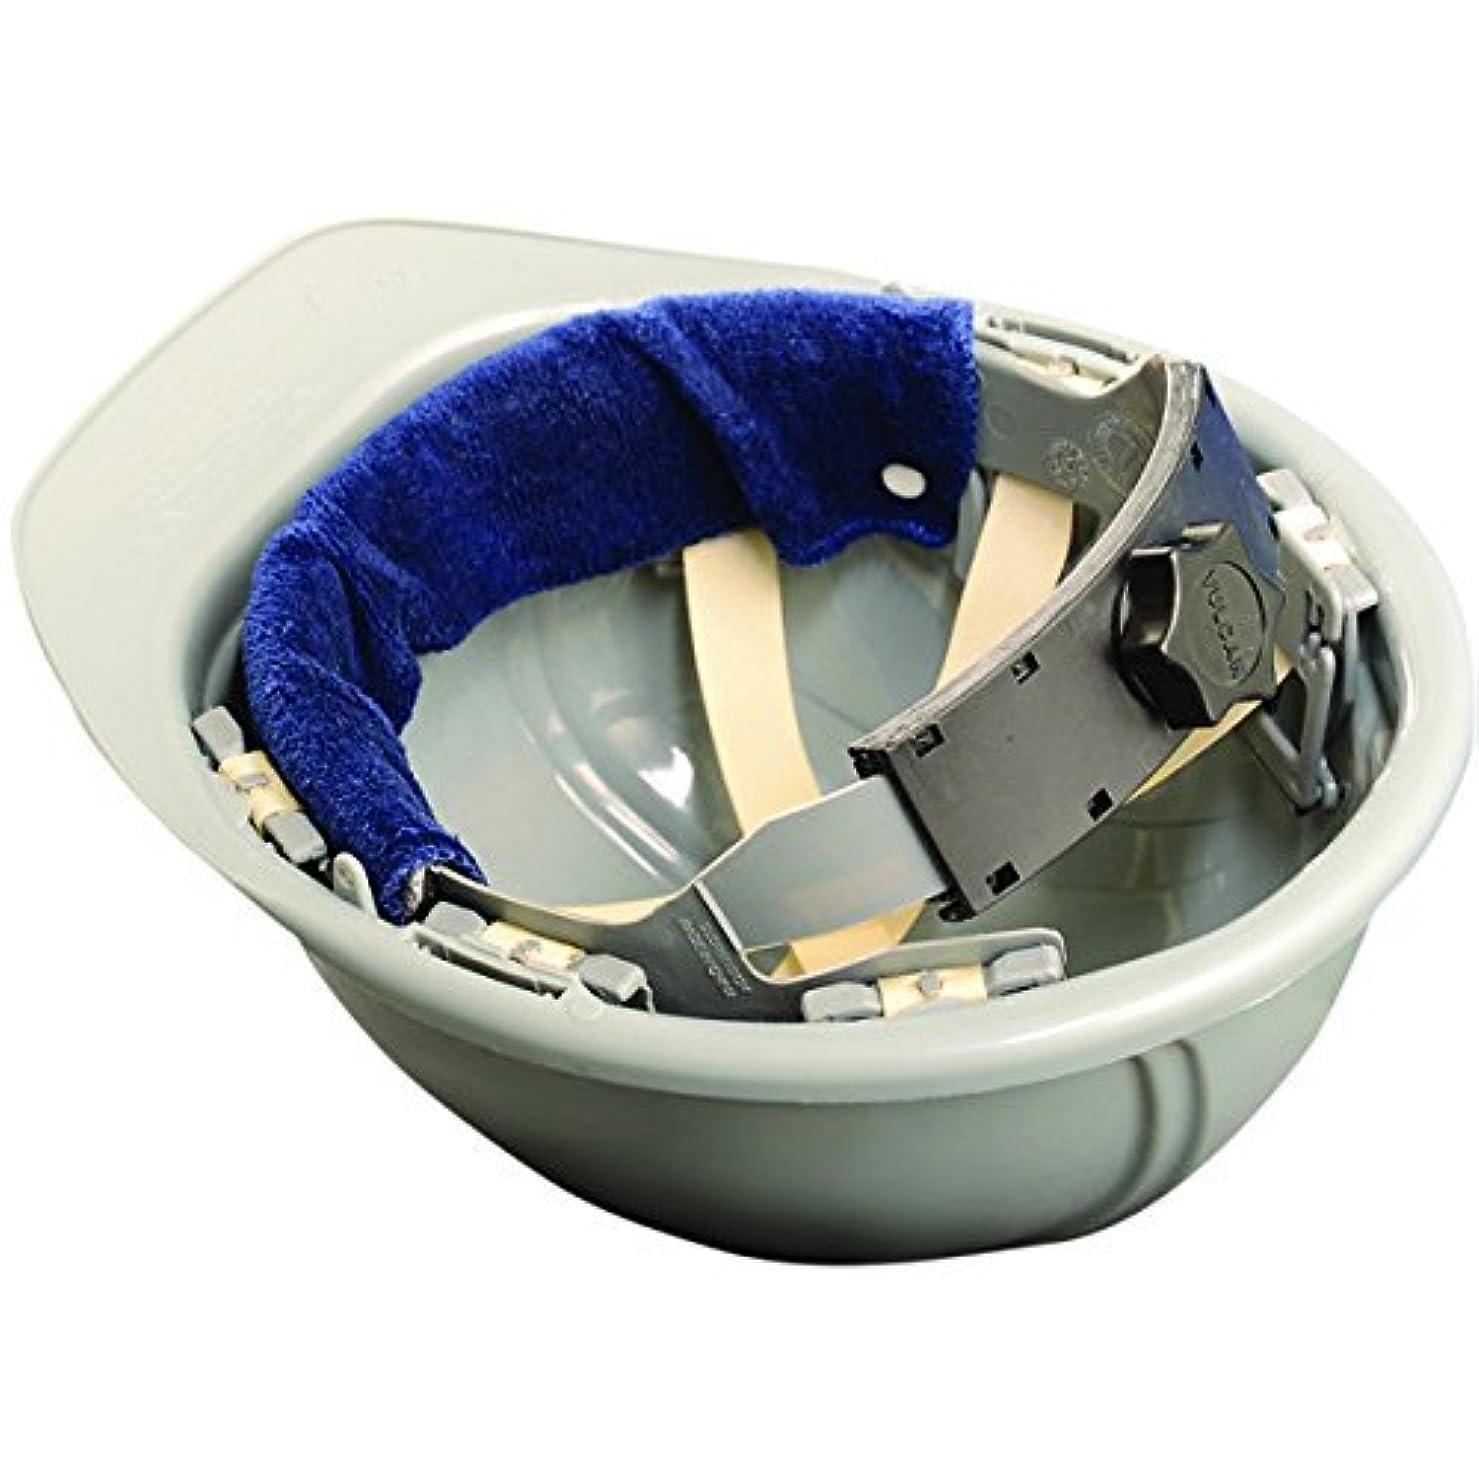 包帯どこにも担当者Occunomix 870b100スナップオンハード帽子sweatband-navy-bulk pack-100?(パックof 100?)